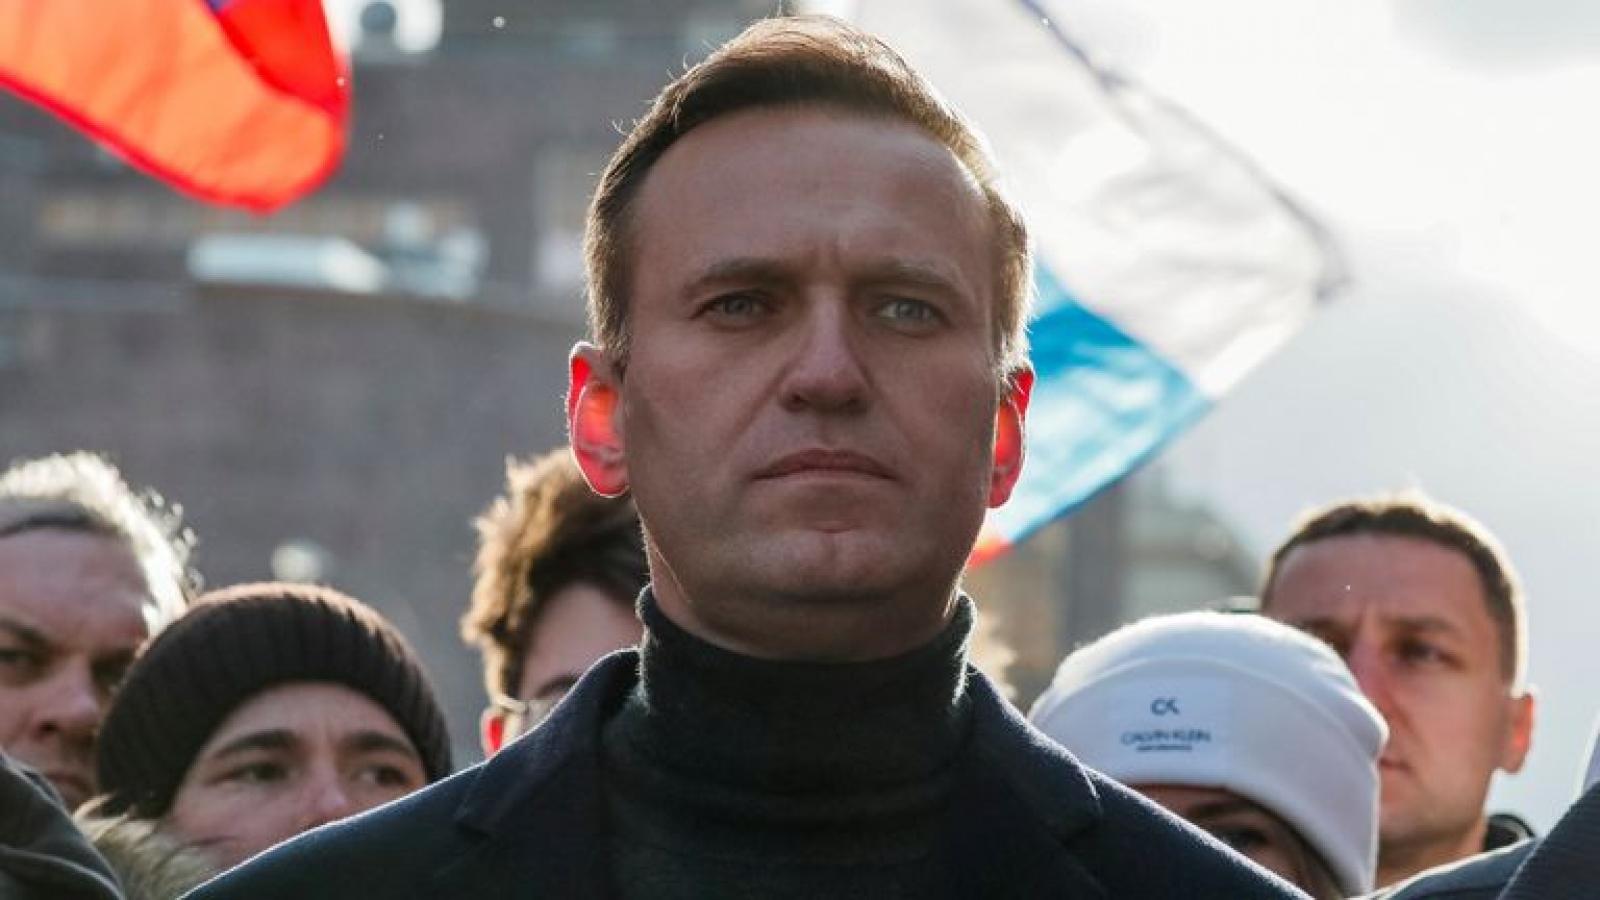 Đức bàn giao kết quả xét nghiệm của Navalny cho OPCW